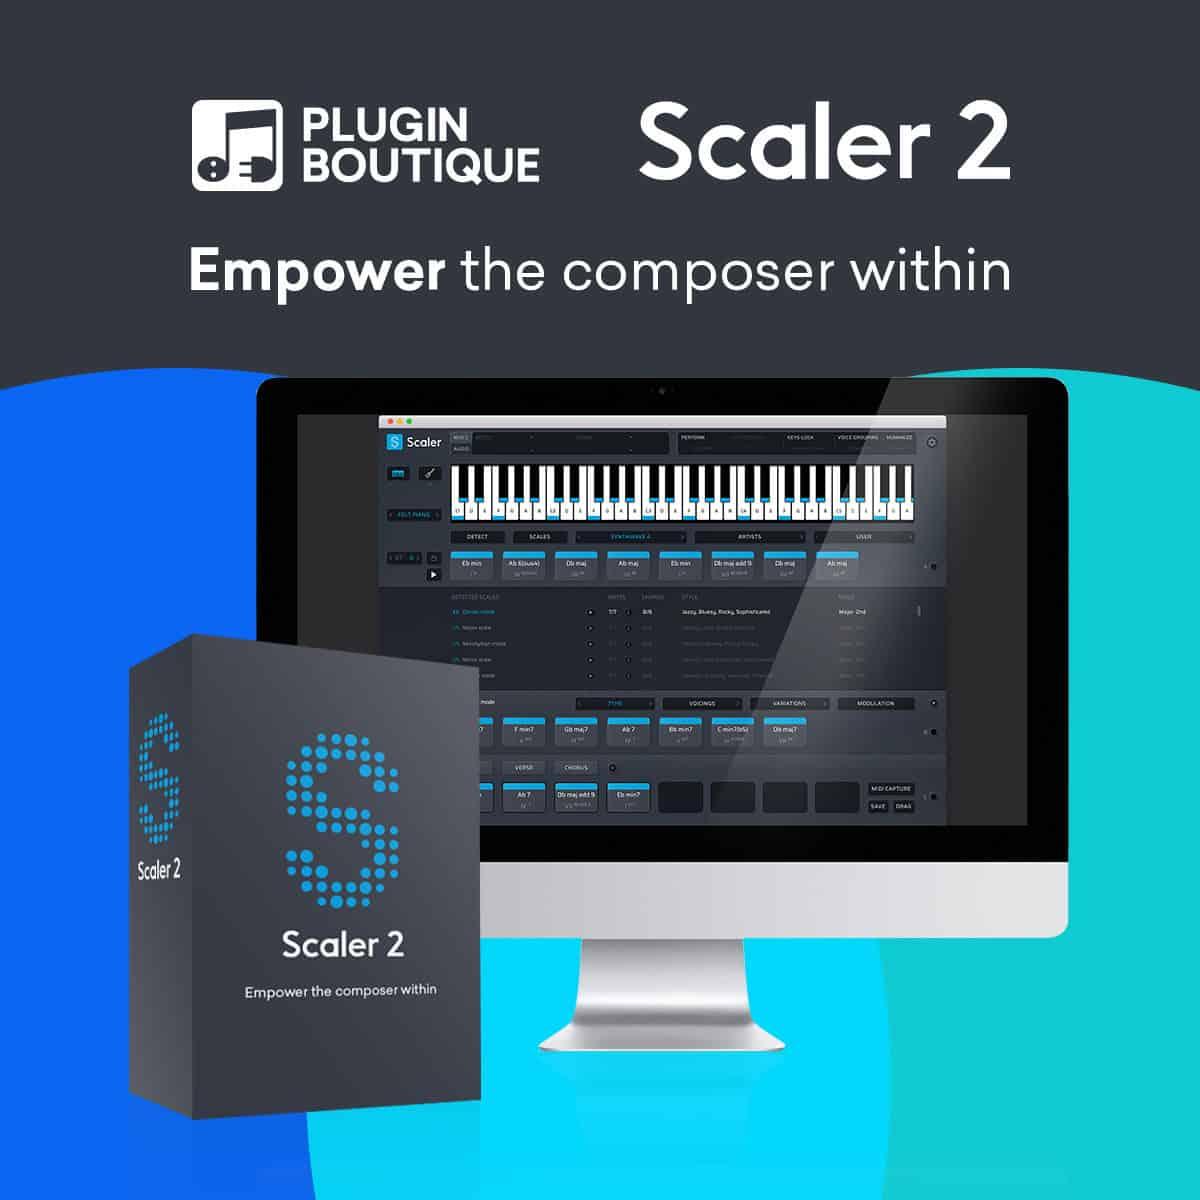 Scaler 2